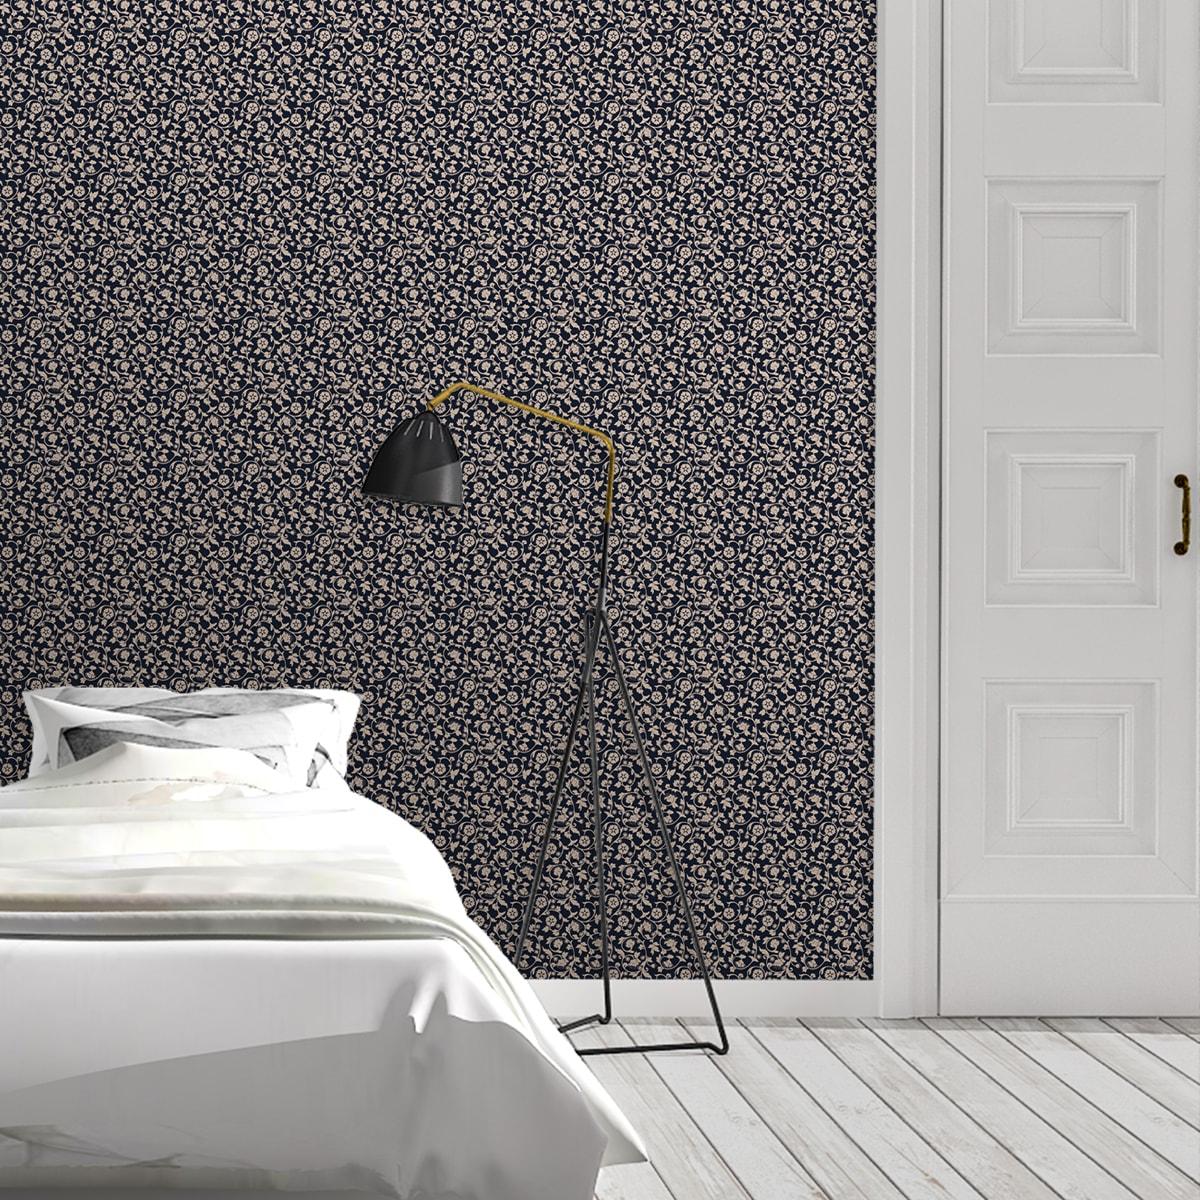 Schlafzimmer tapezieren in creme: Blumen Ornamenttapete Kemenaten Zauber mit Ranken in dunkelblau - Nostalgietapete für Schlafzimmer